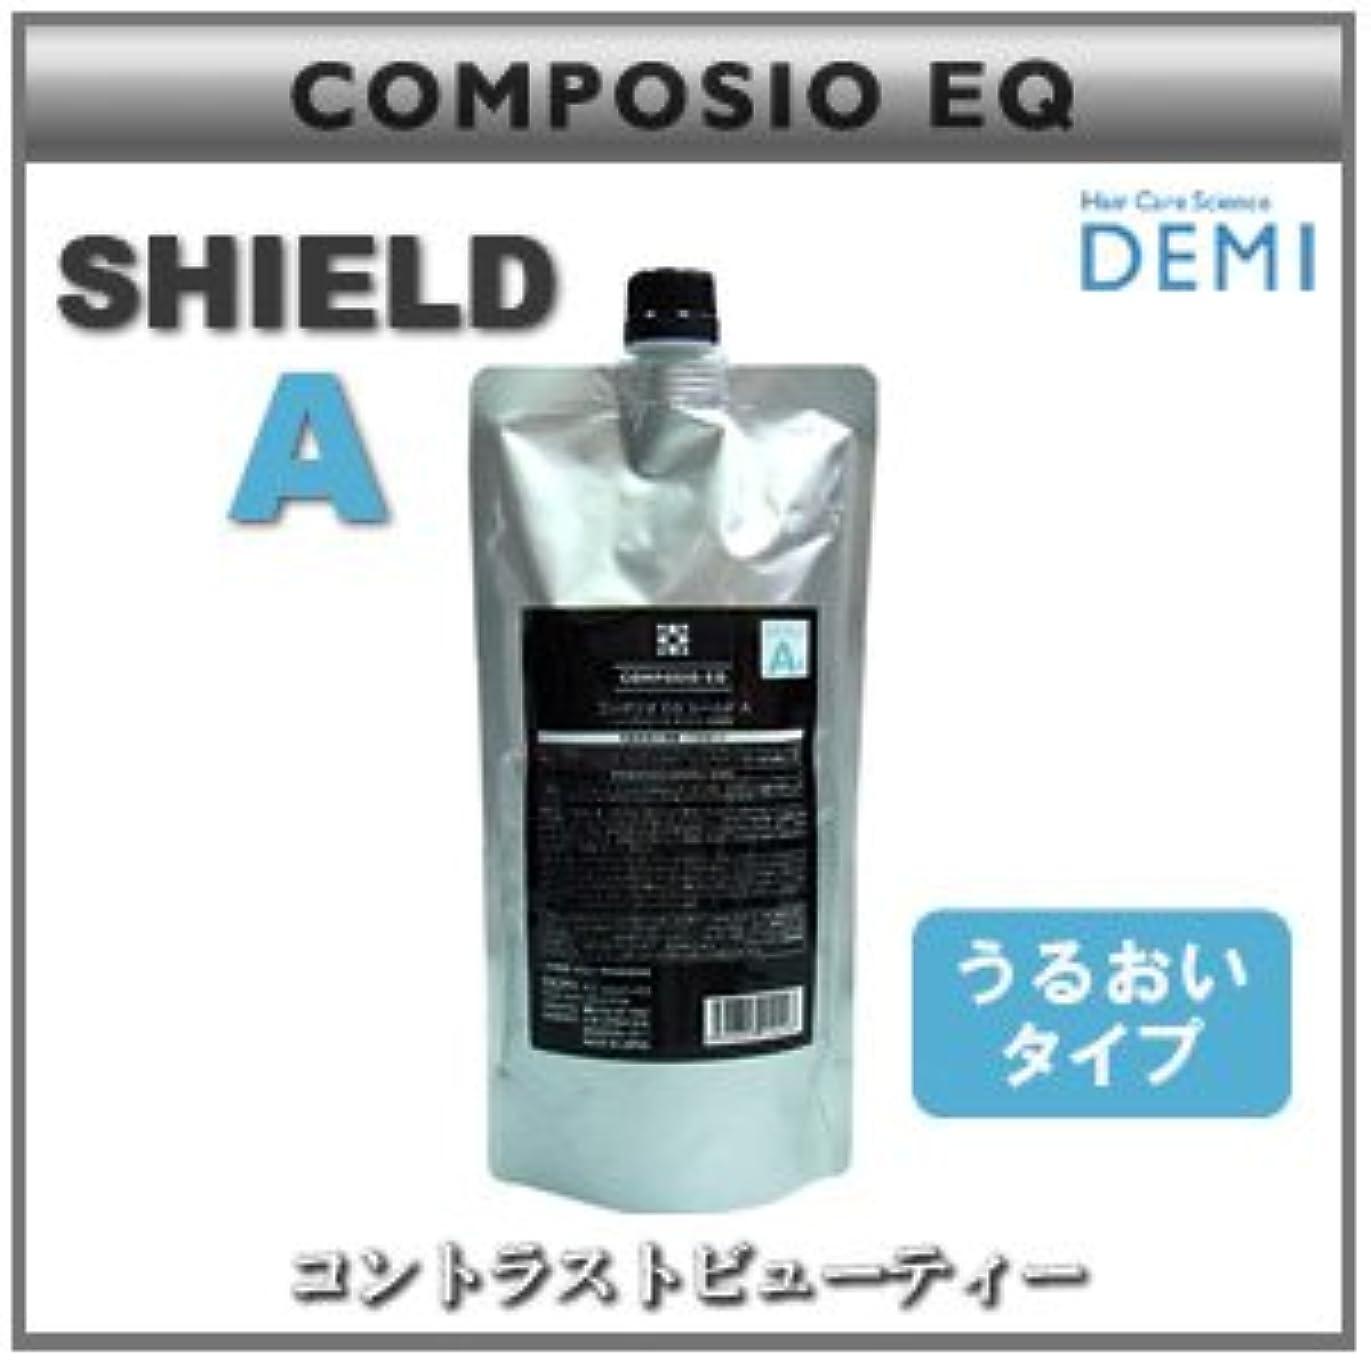 足法王ポスター【x3個セット】 デミ コンポジオ EQ シールド A 450g